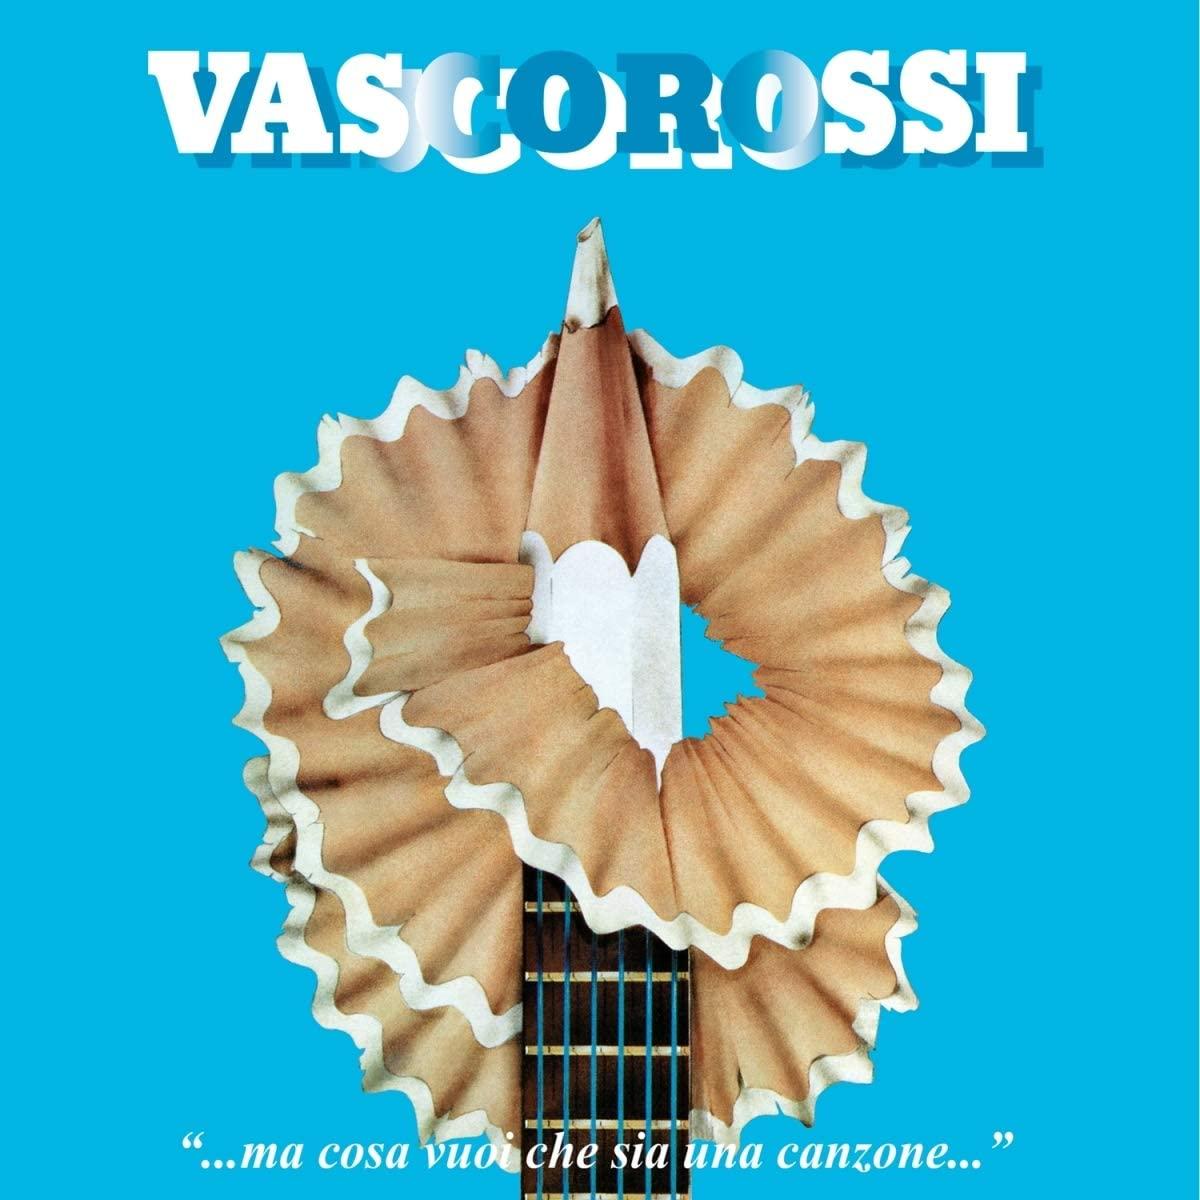 VASCO ROSSI - VASCO ROSSI - MA COSA VUOI CHE SIA UNA CANZONE (40